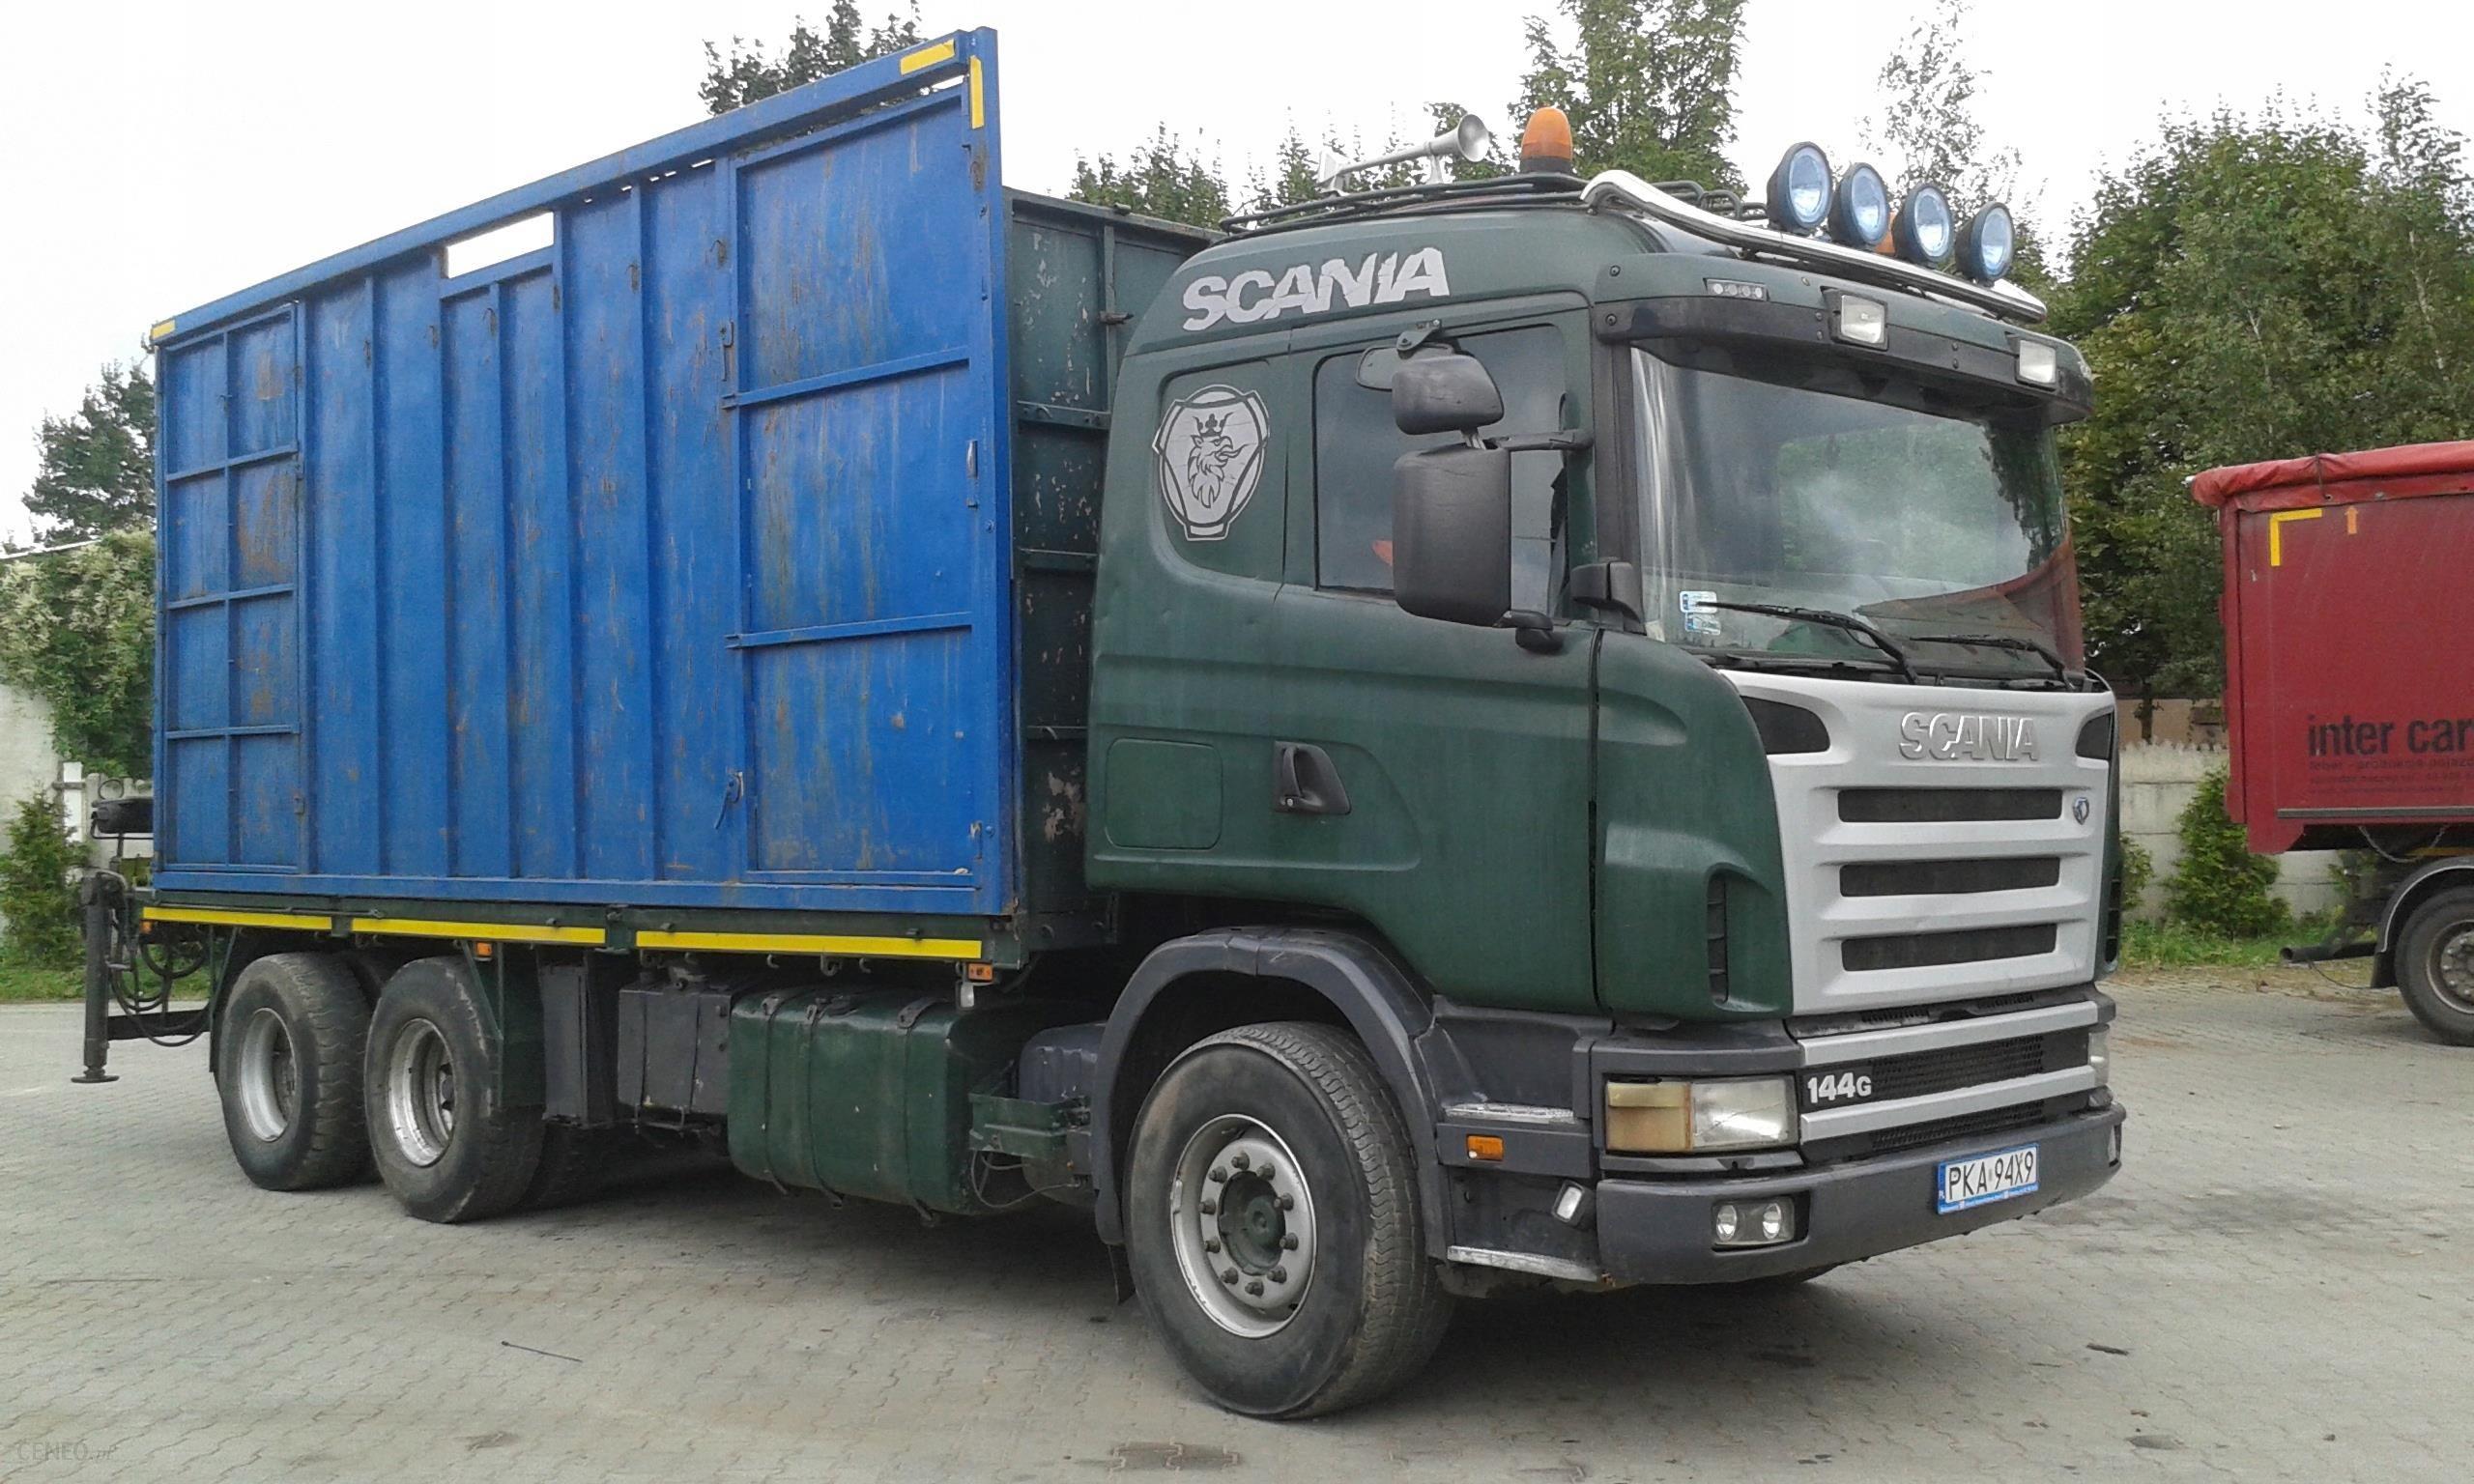 Wspaniały Scania 6x4 Loglift do lasu, drewna, drzewa, zrzyn - Opinie i ceny UG27